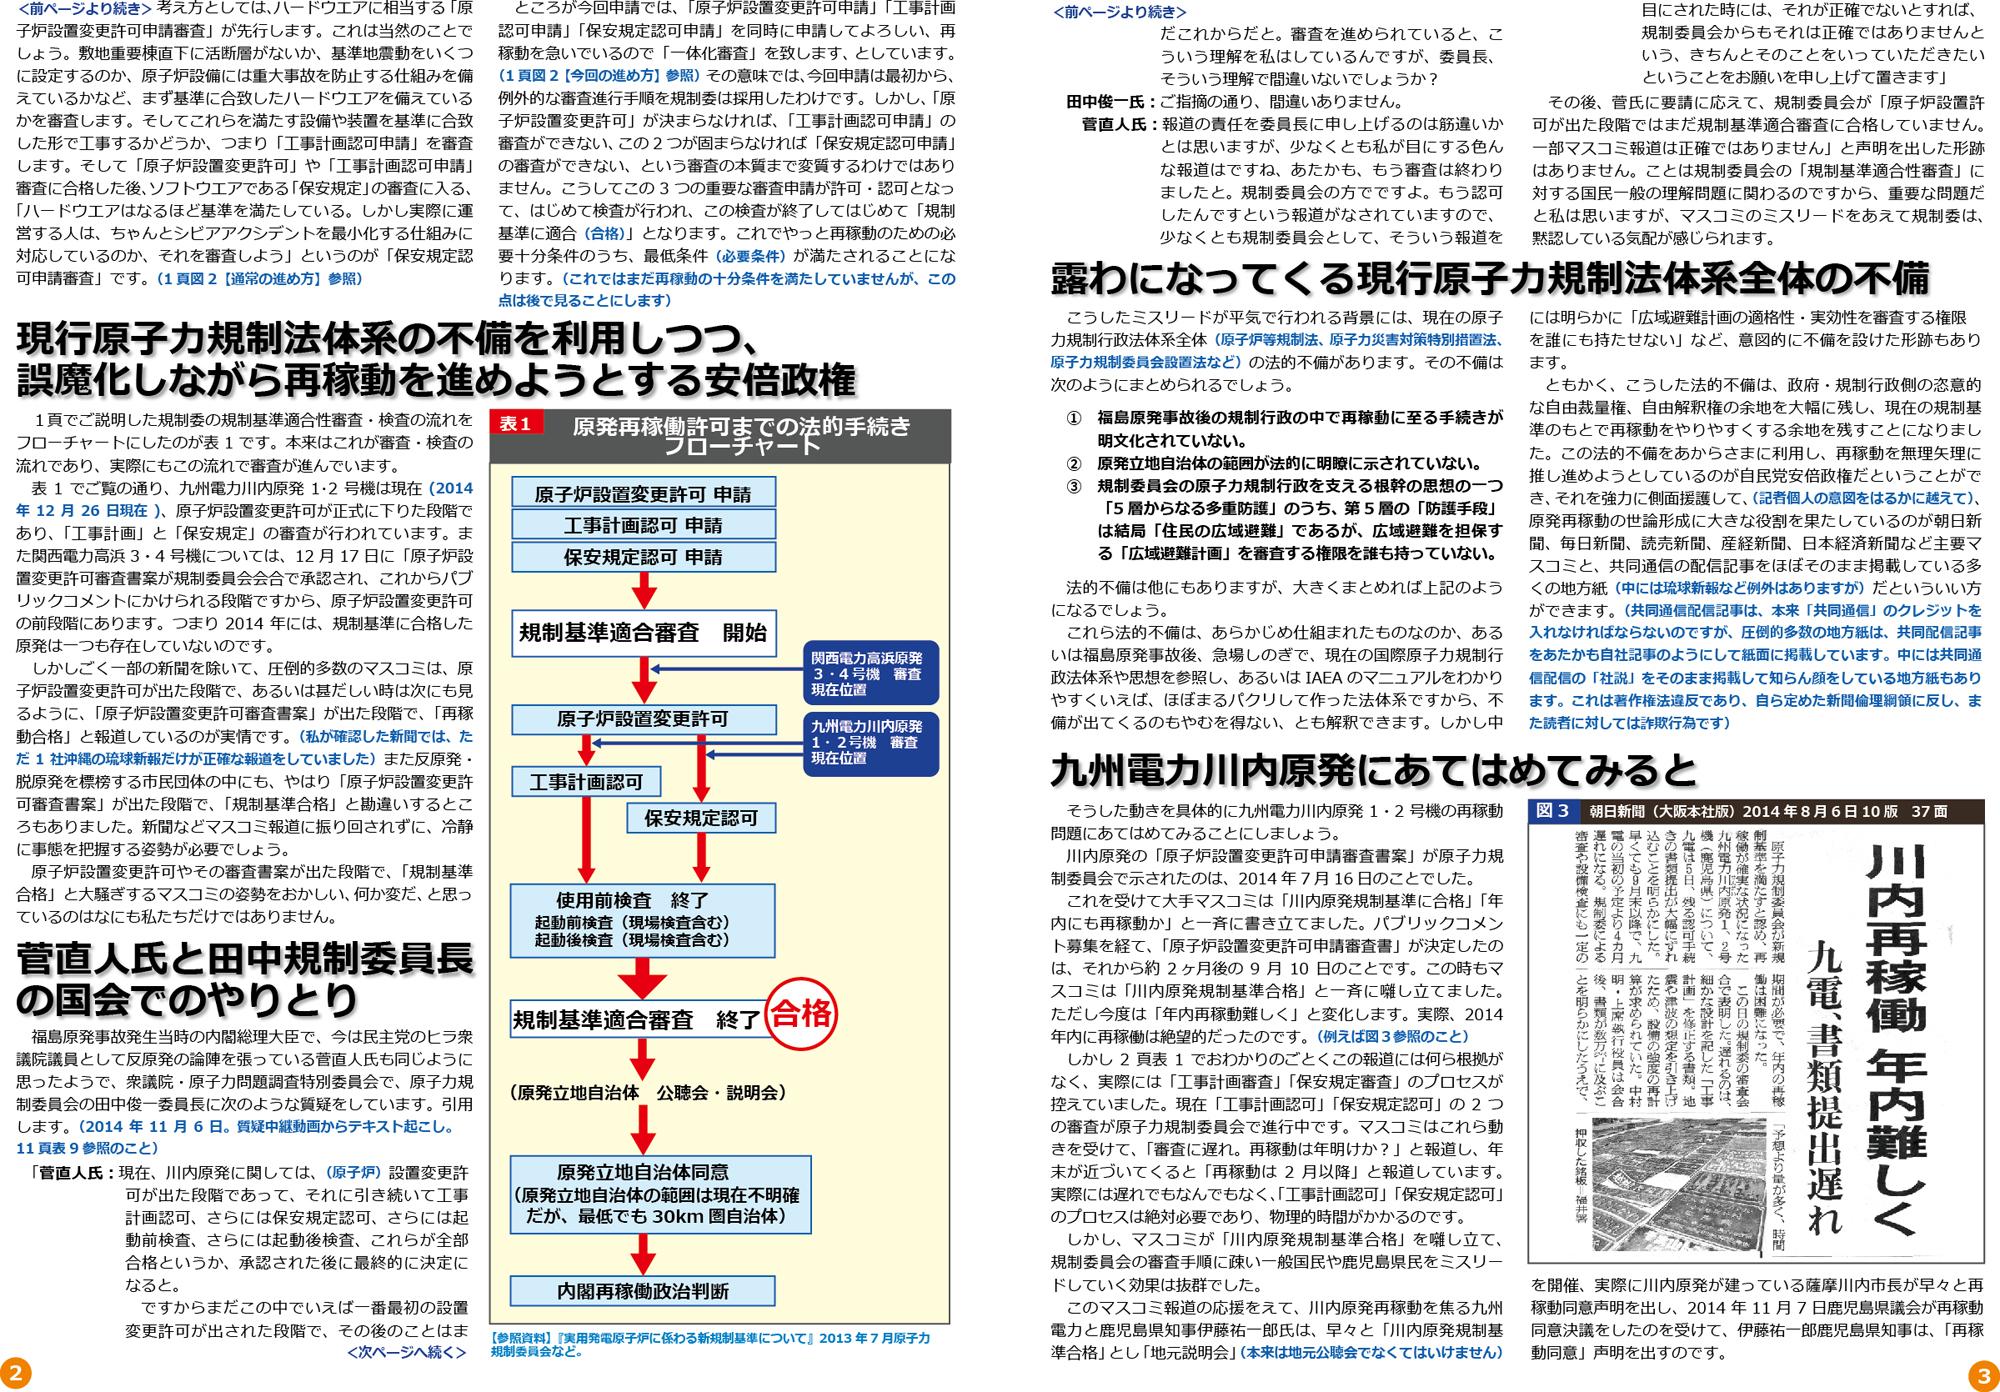 ファイル 377-2.jpg